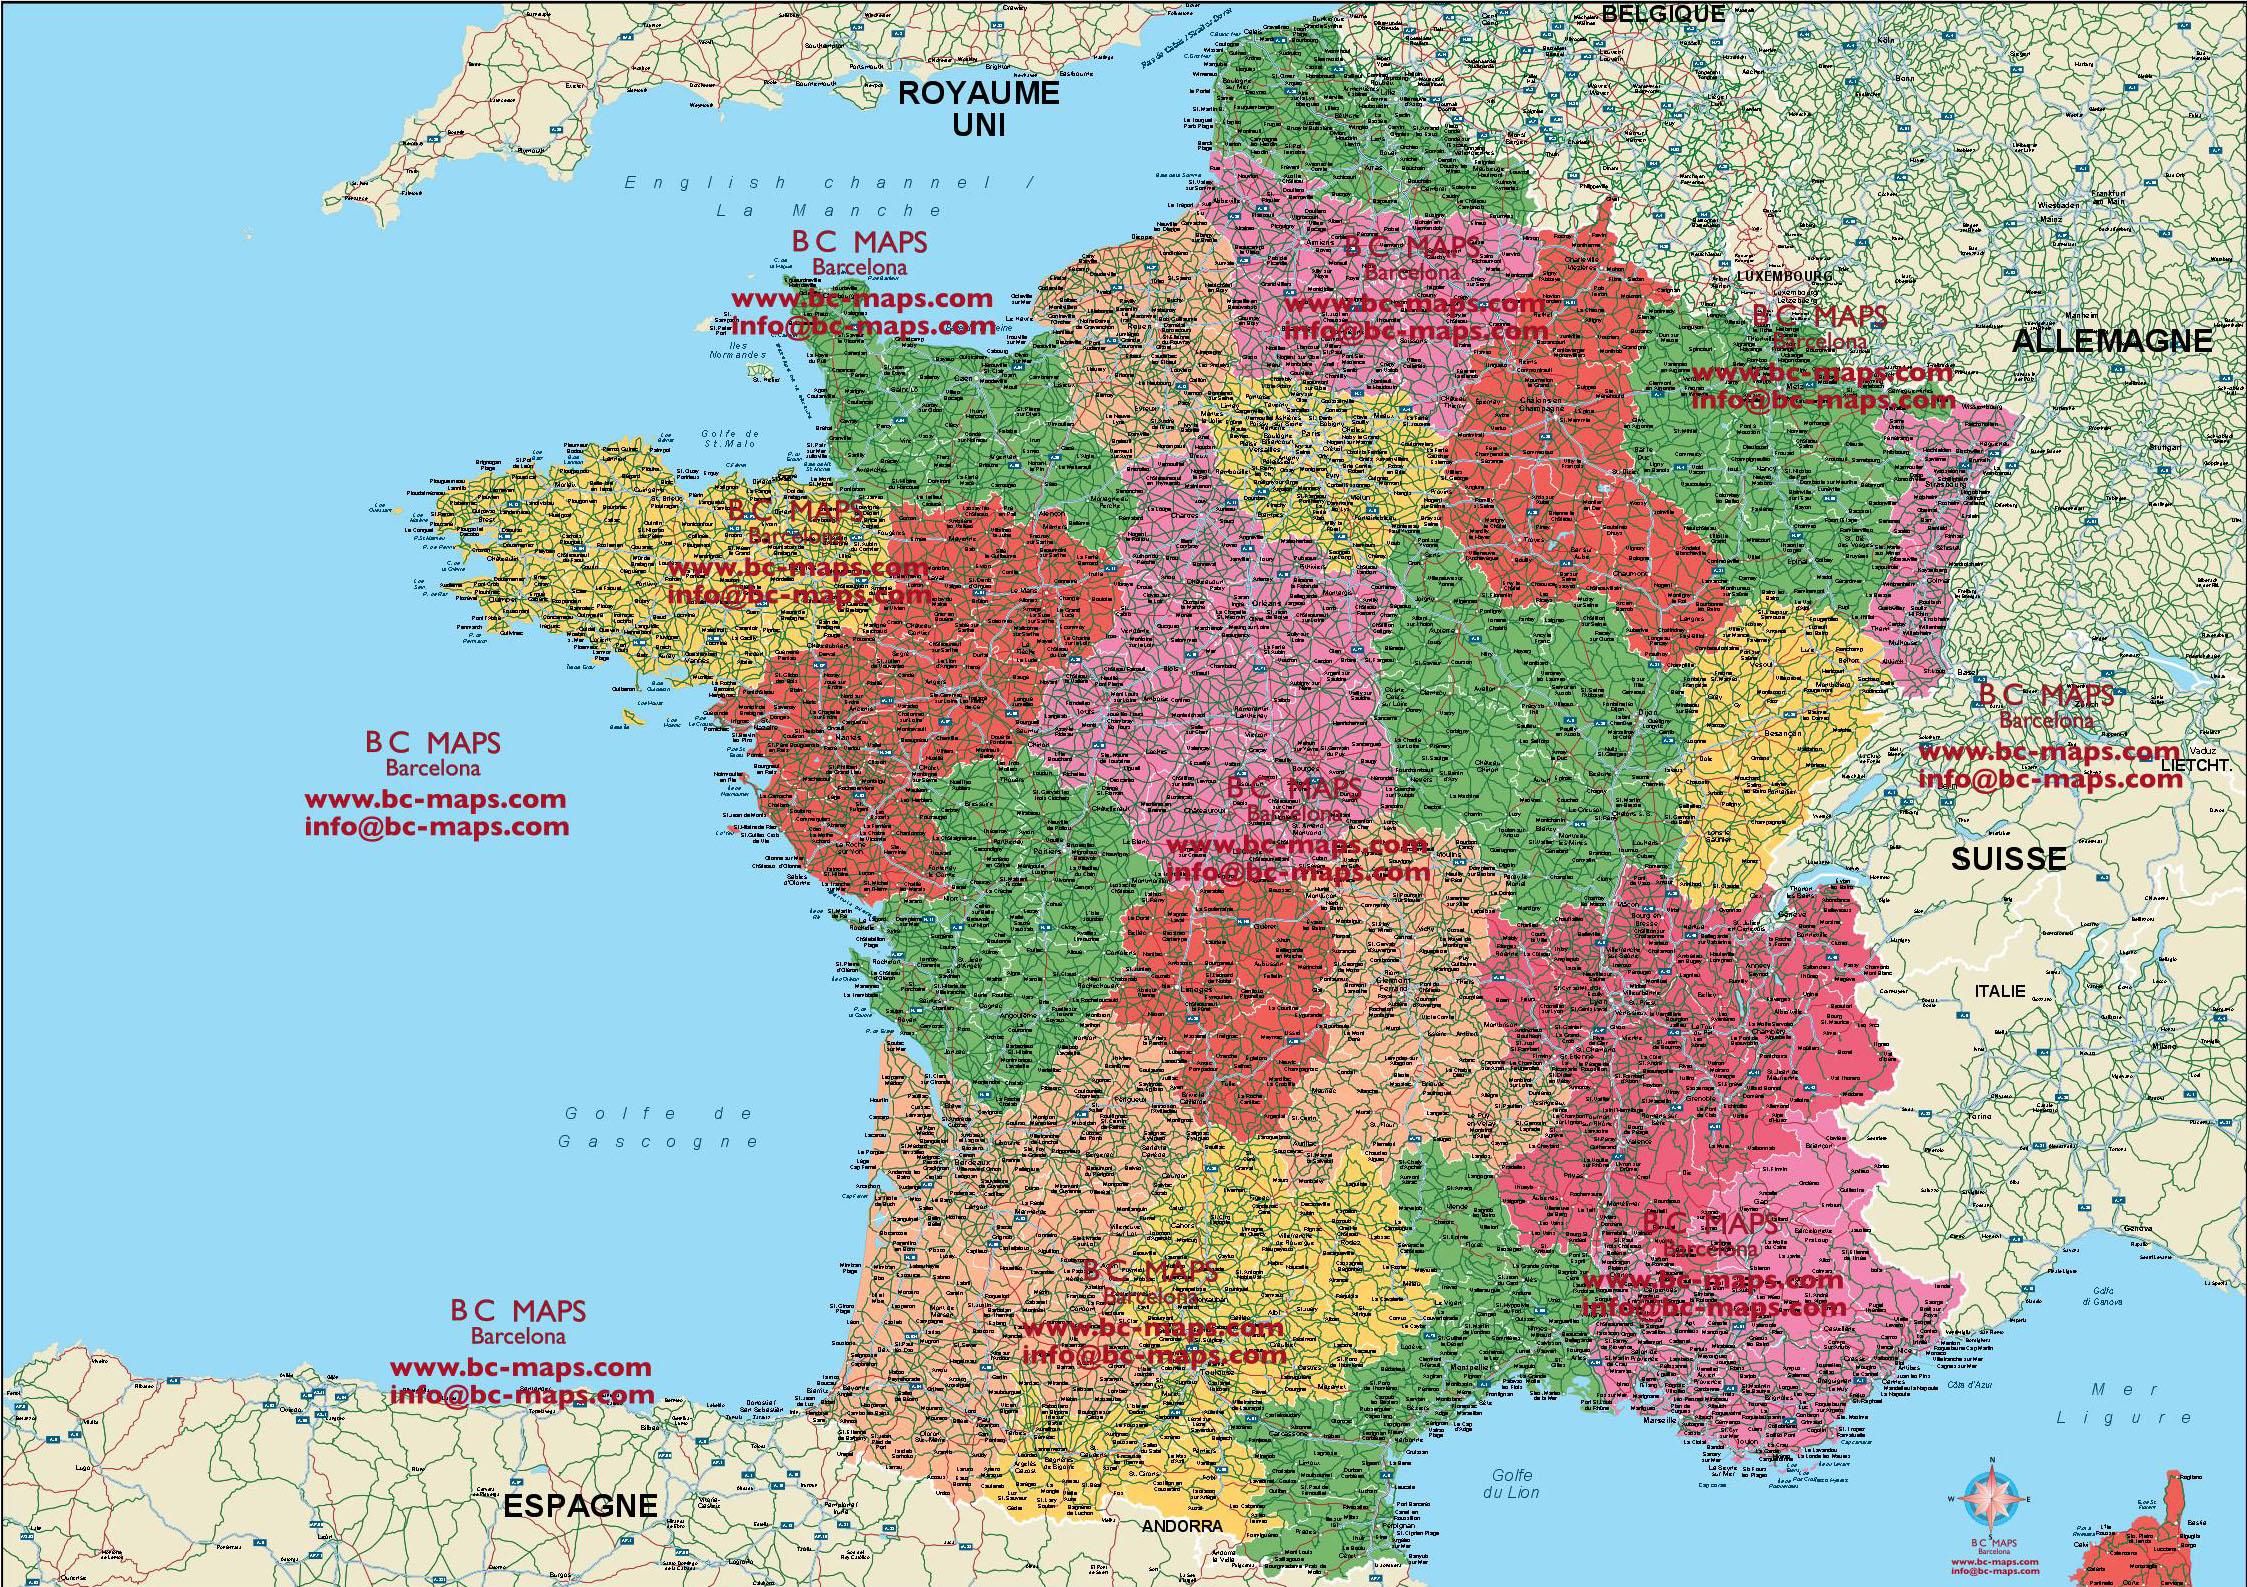 Francia Mapa Vectorial Editable Eps Freehand Illustrator Mapas